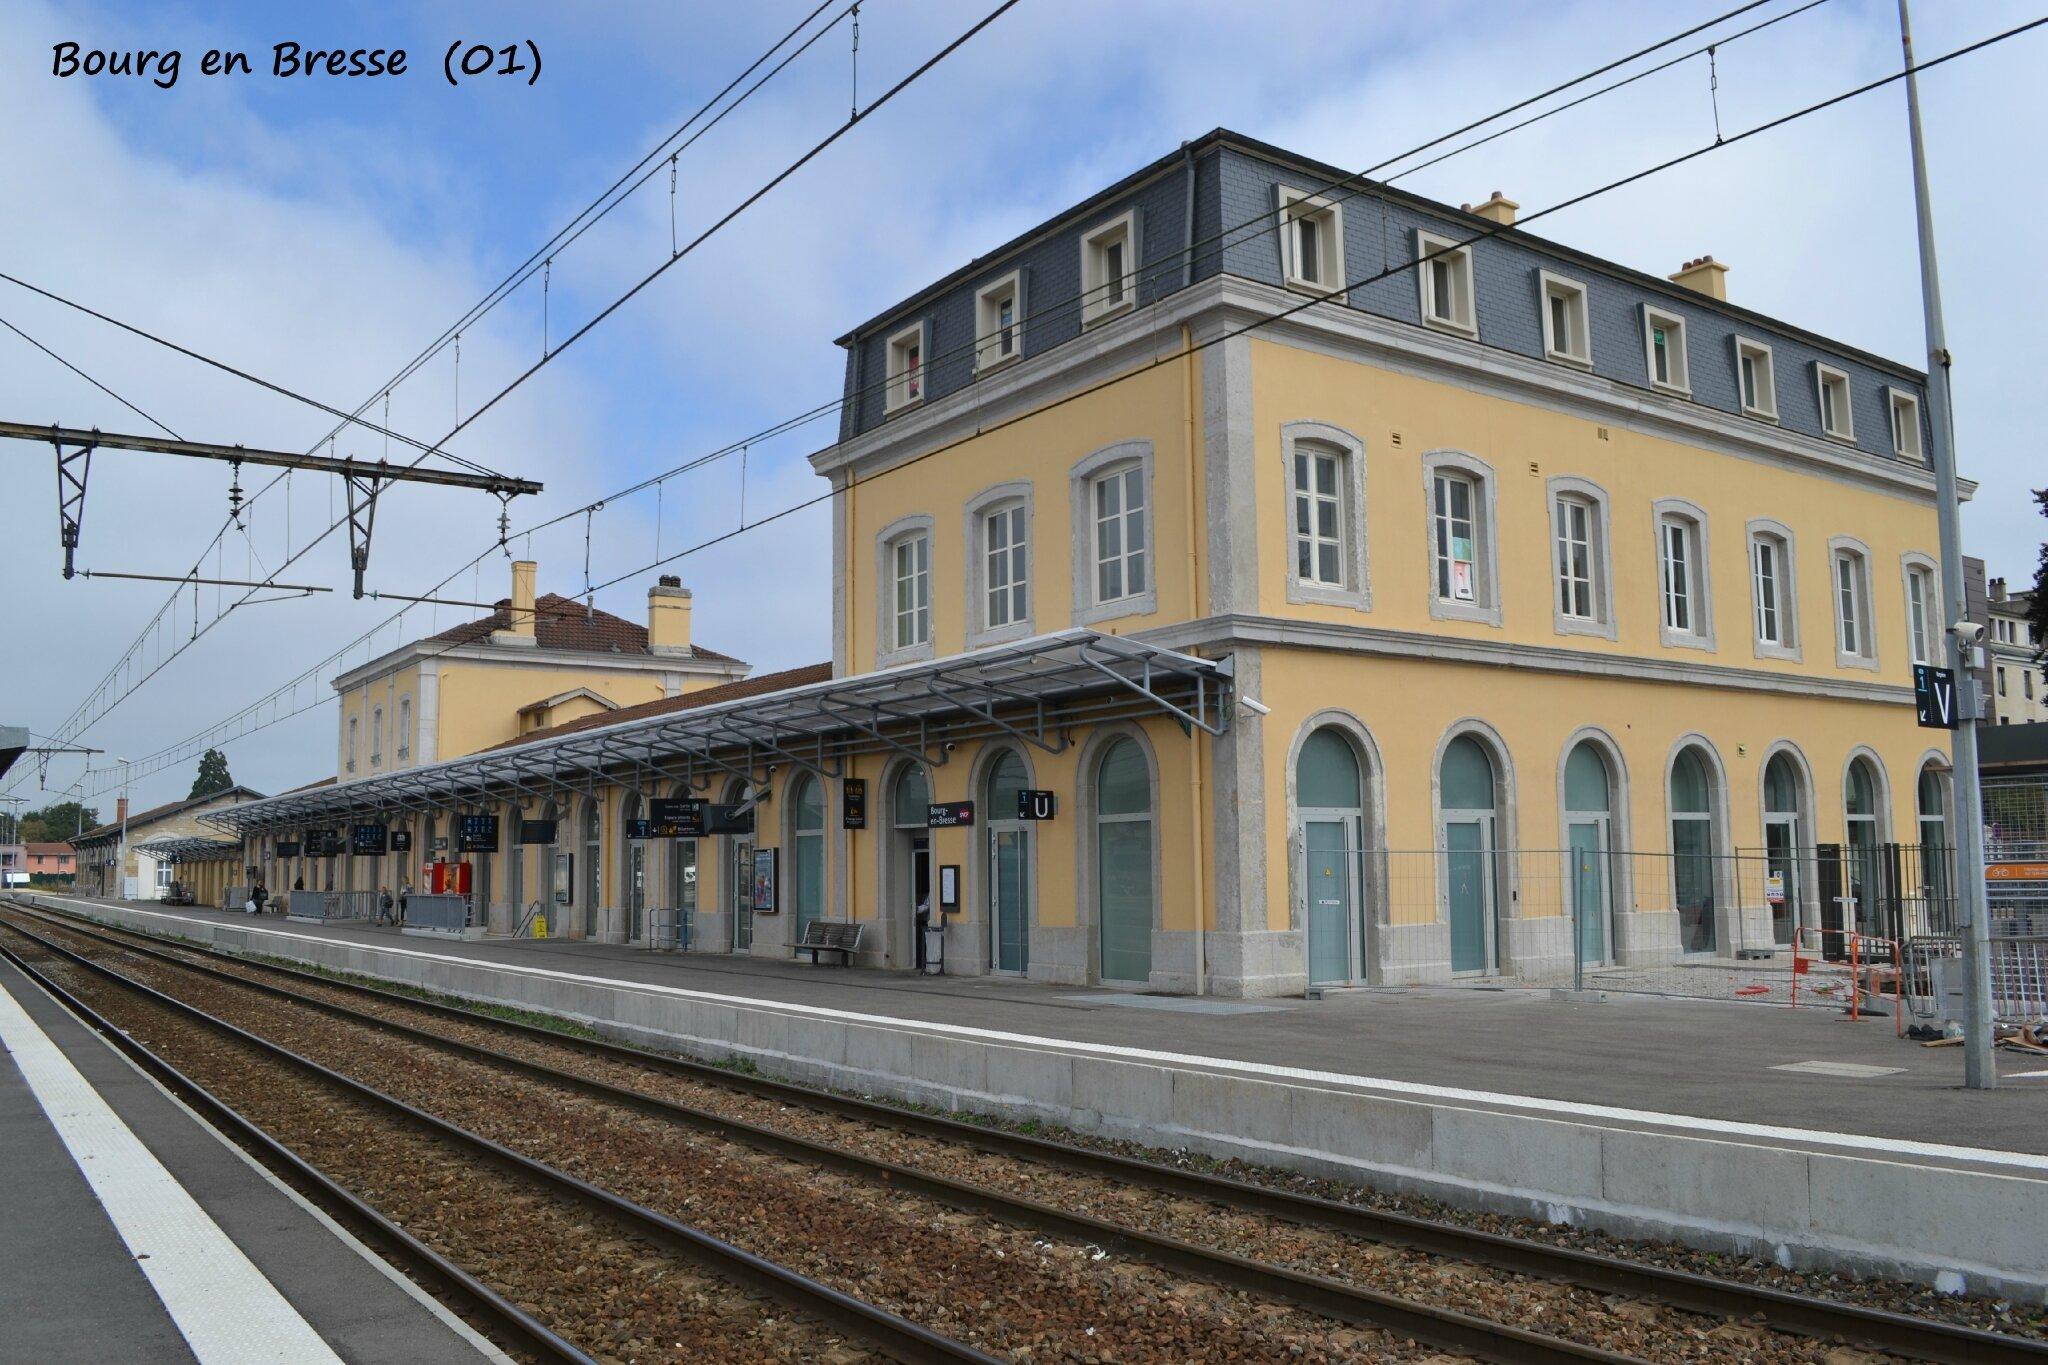 La gare de Bourg en Bresse (01) - Les gares de France et leurs ...